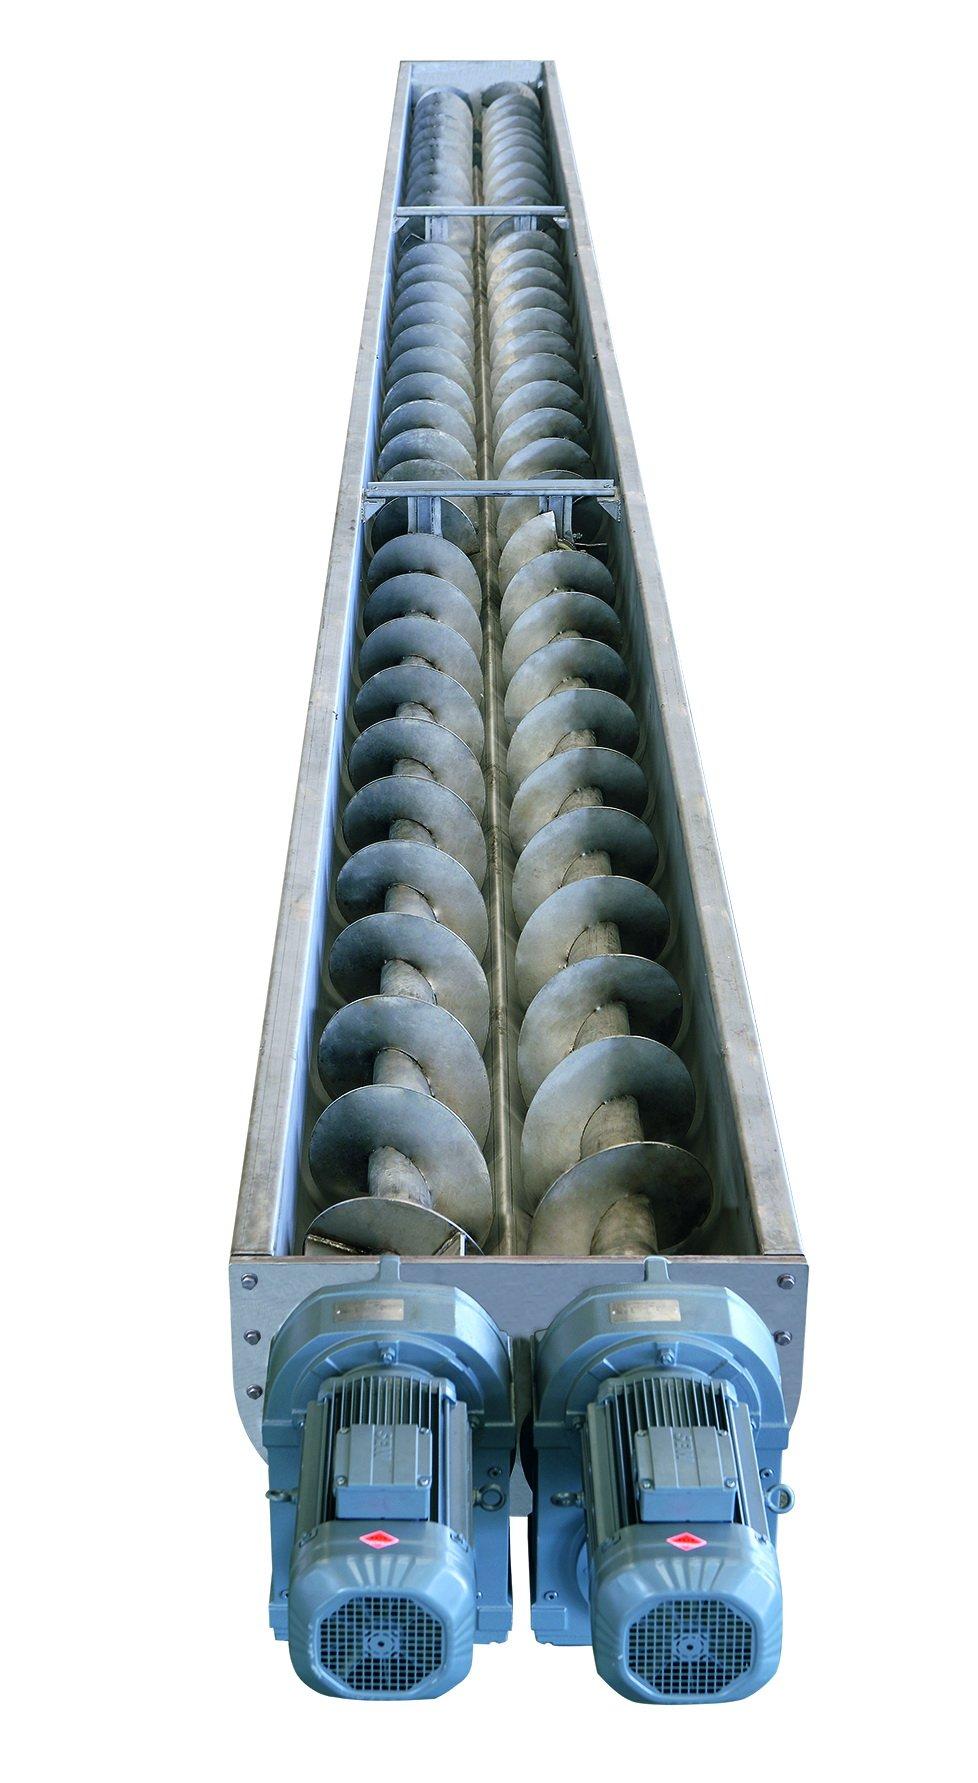 景津双驱螺旋输送机的图片